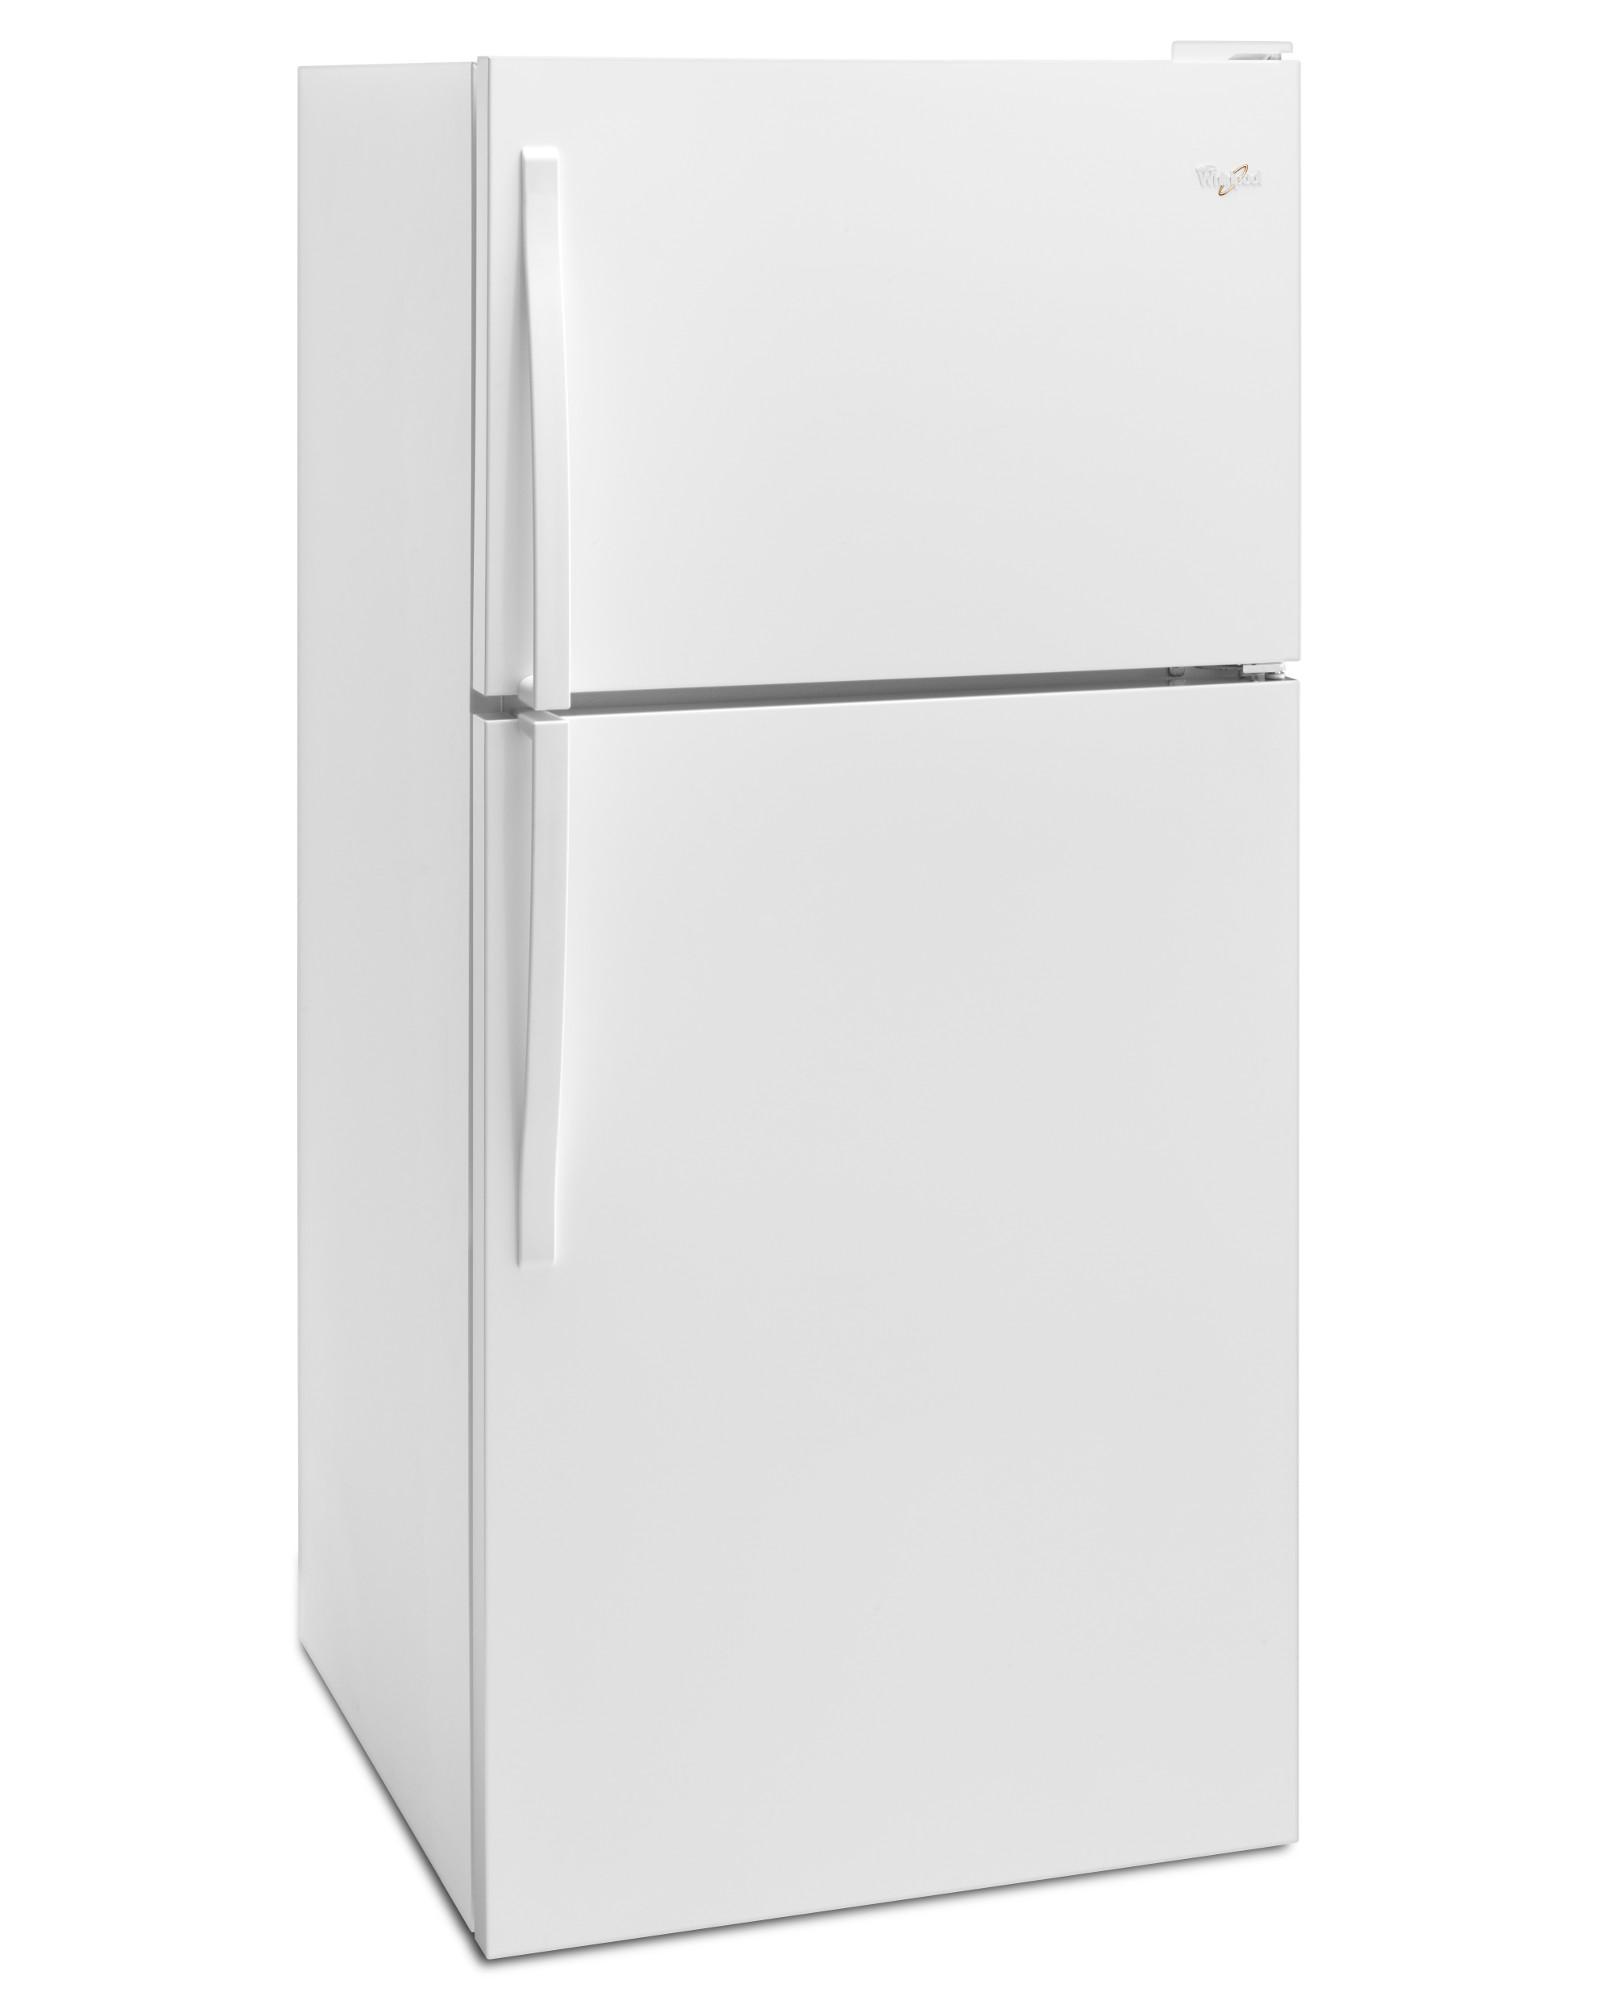 Whirlpool WRT108FZDW 18 cu. ft. Top Freezer Refrigerator  - White